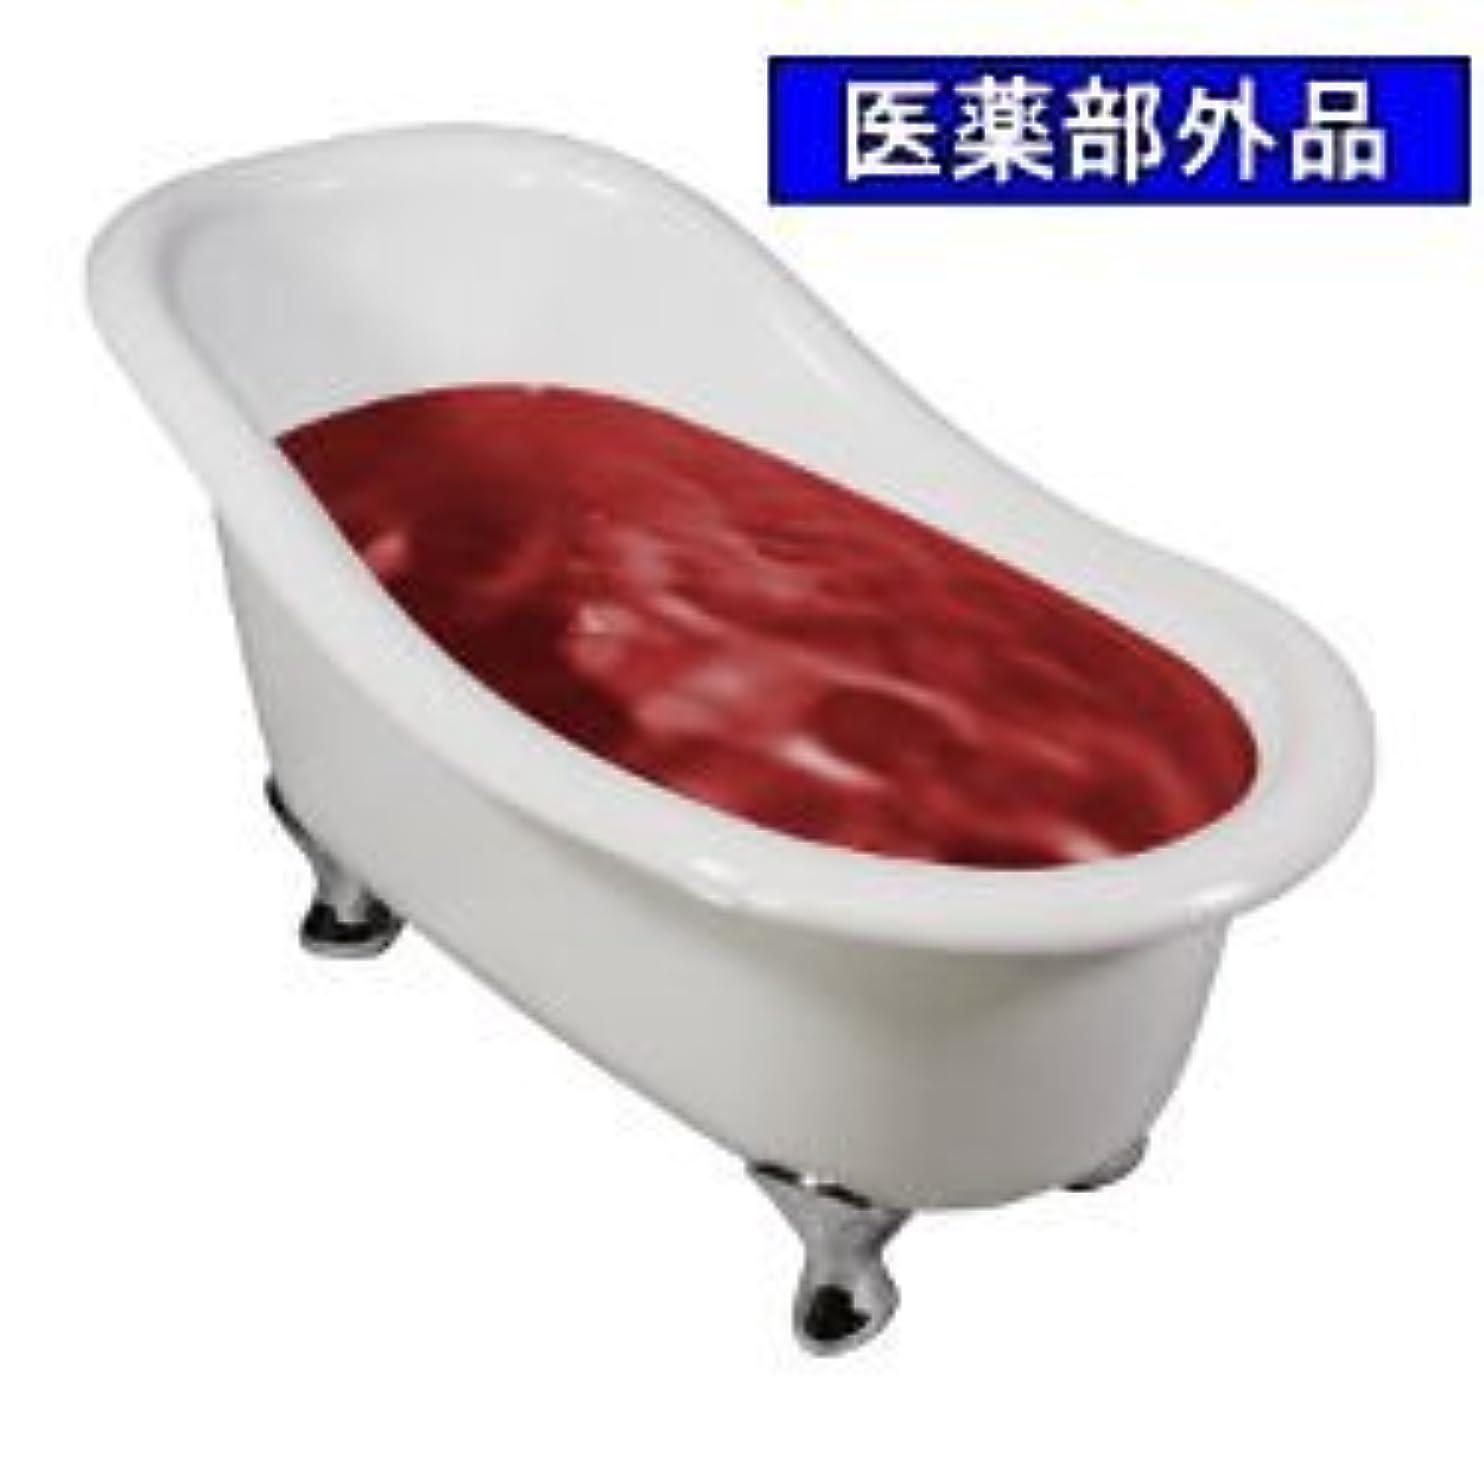 ジャンプ含む人口業務用薬用入浴剤バスフレンド 禄寿湯 17kg 医薬部外品